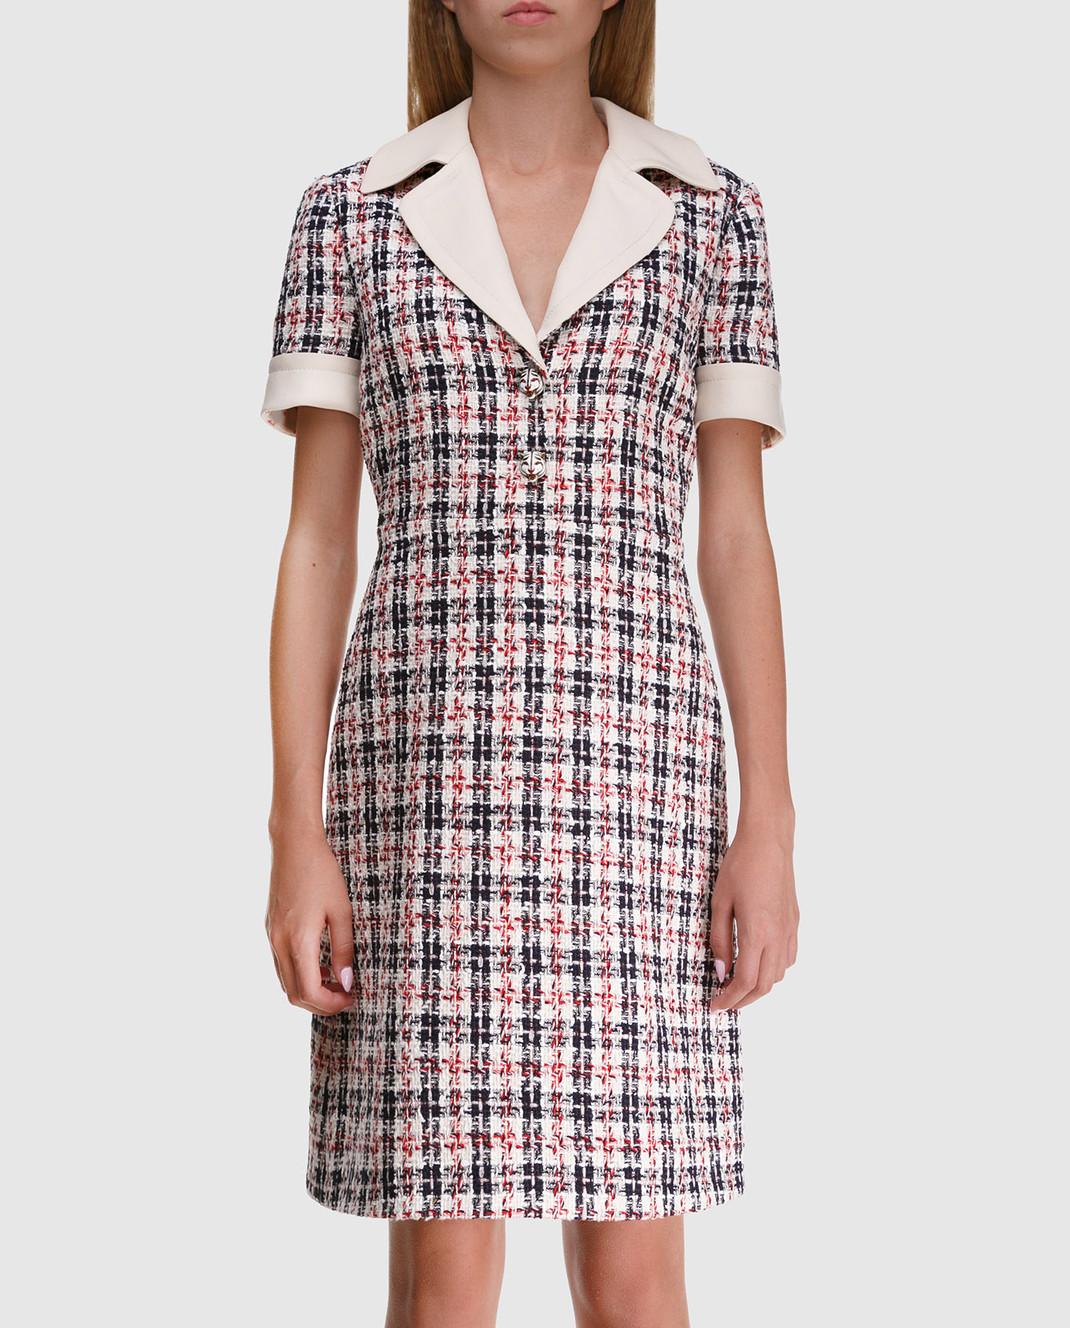 Gucci Твидовое платье 530704 изображение 3